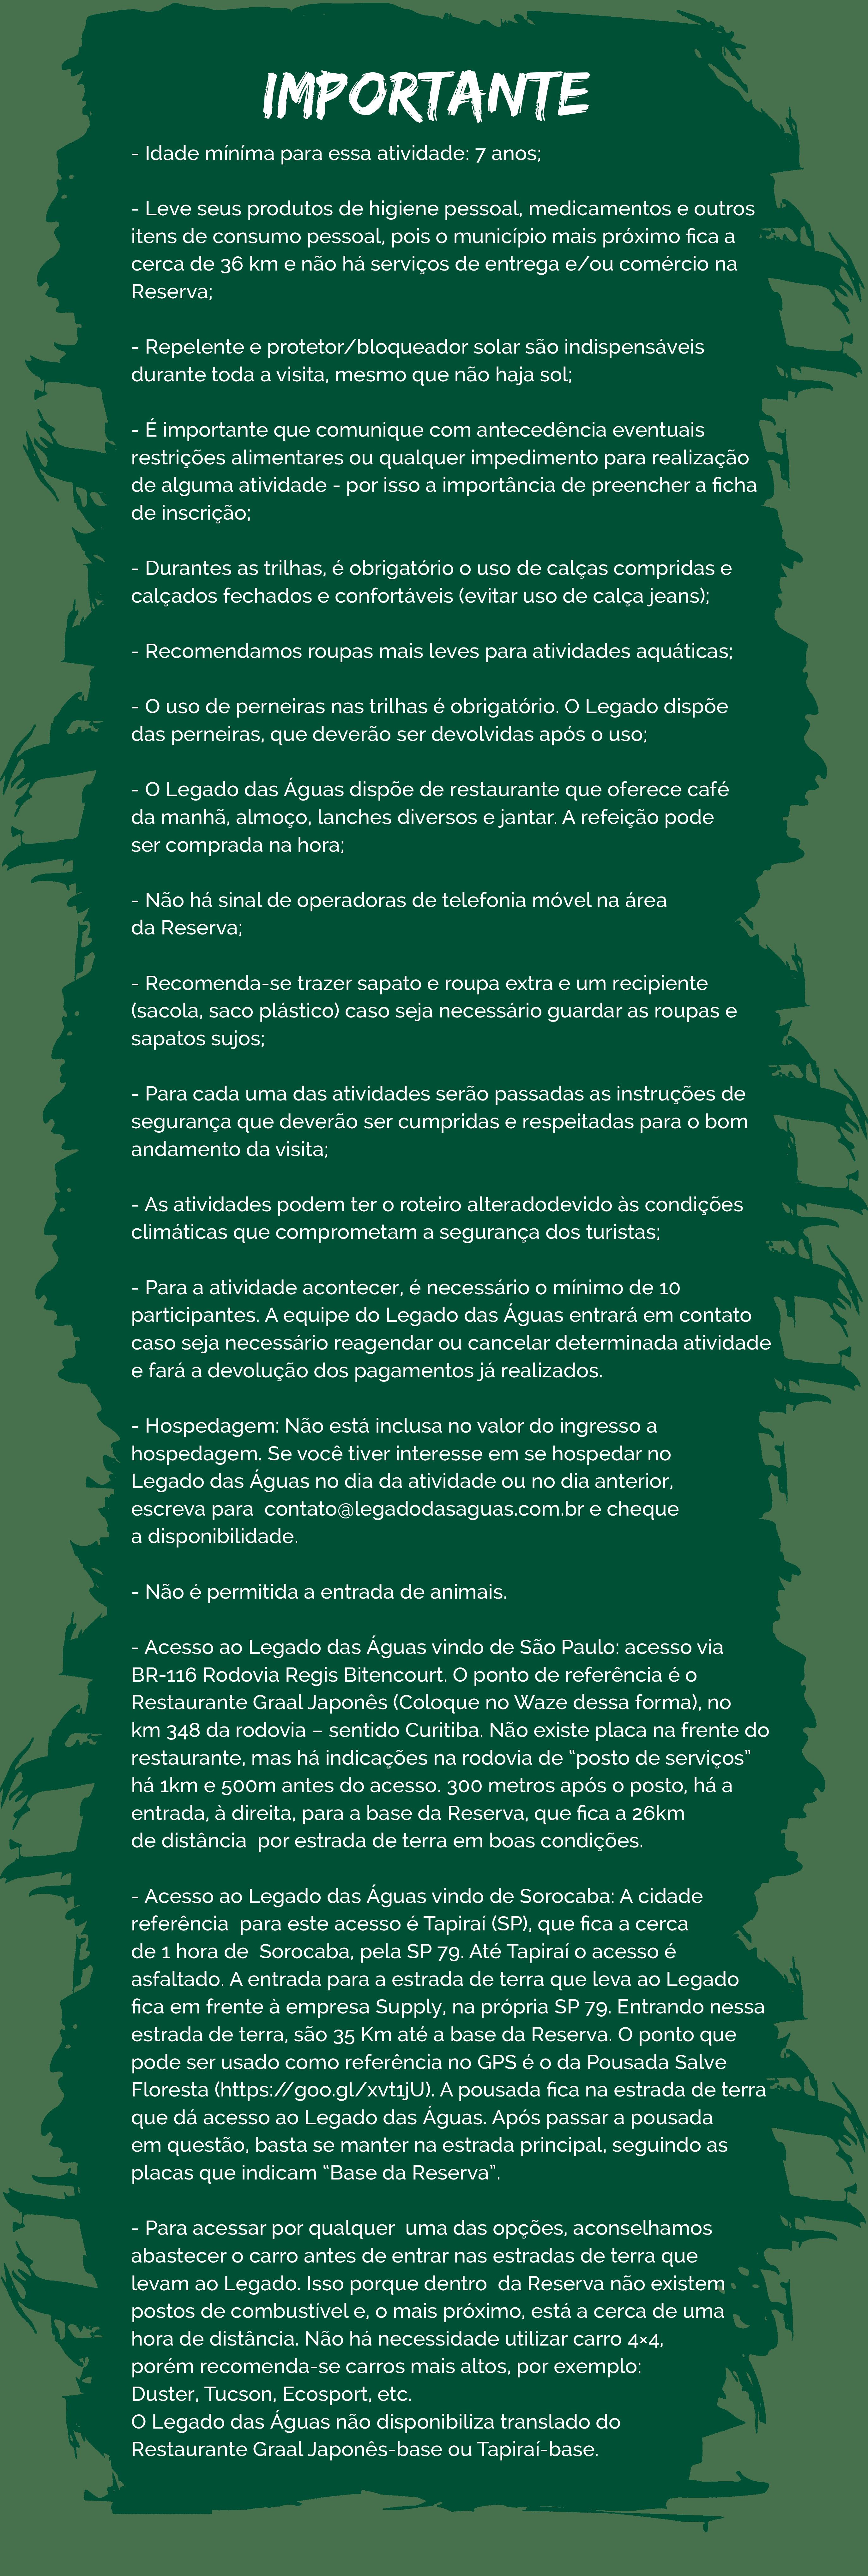 imp_copabaprainha-min